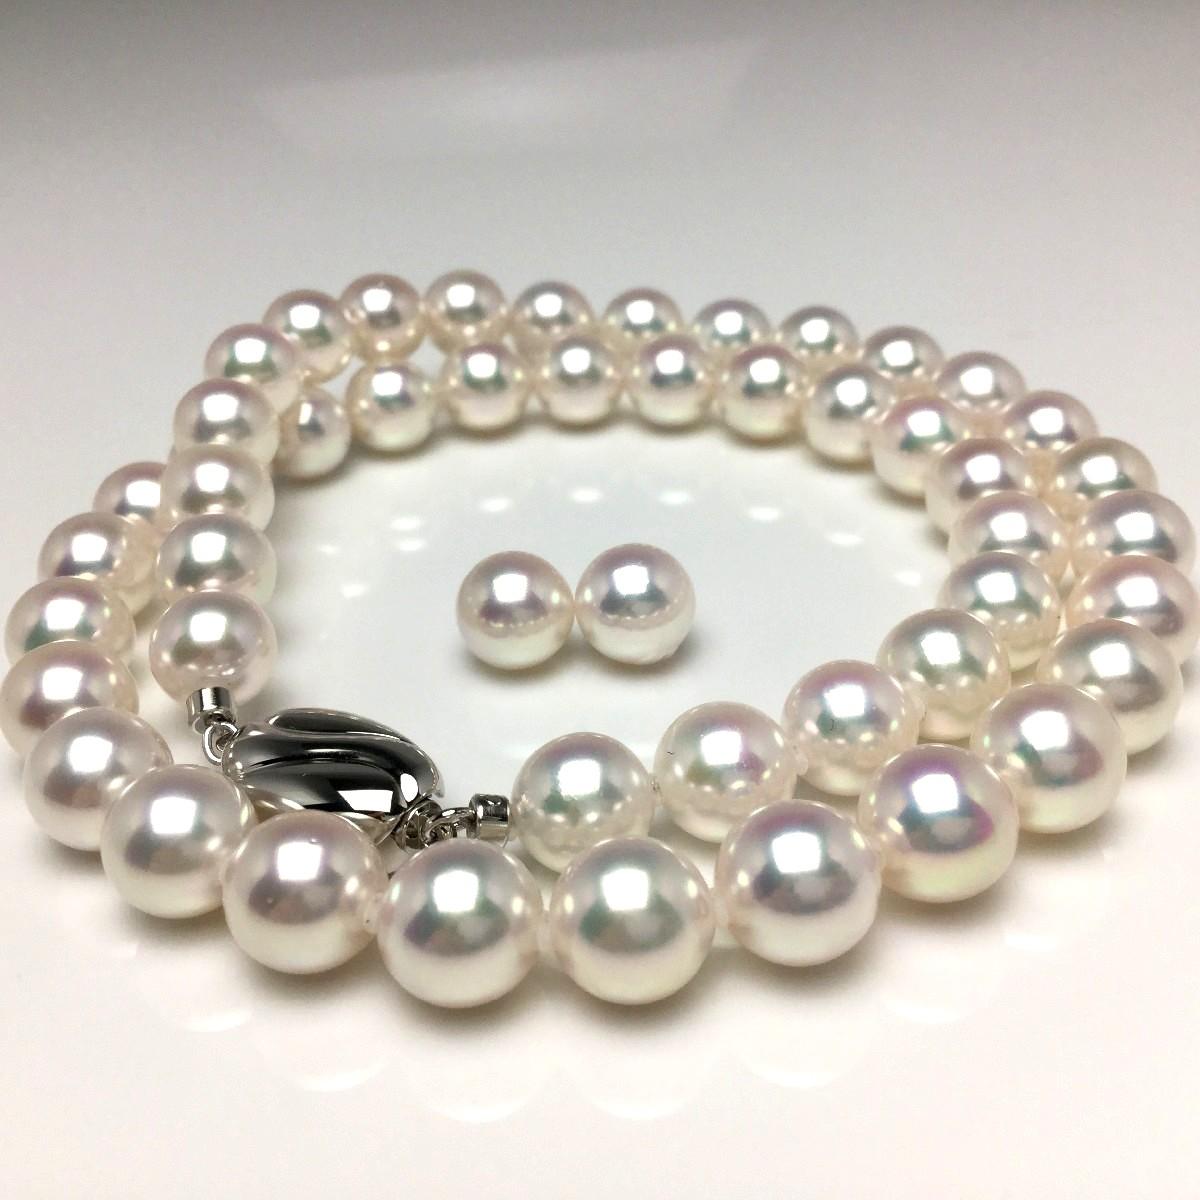 真珠 ネックレス パール オーロラ・天女 アコヤ真珠 イヤリング or ピアス セット 8.0-8.5mm ホワイト系ホワイトピンク シルバー クラスップ 66055 イソワパール